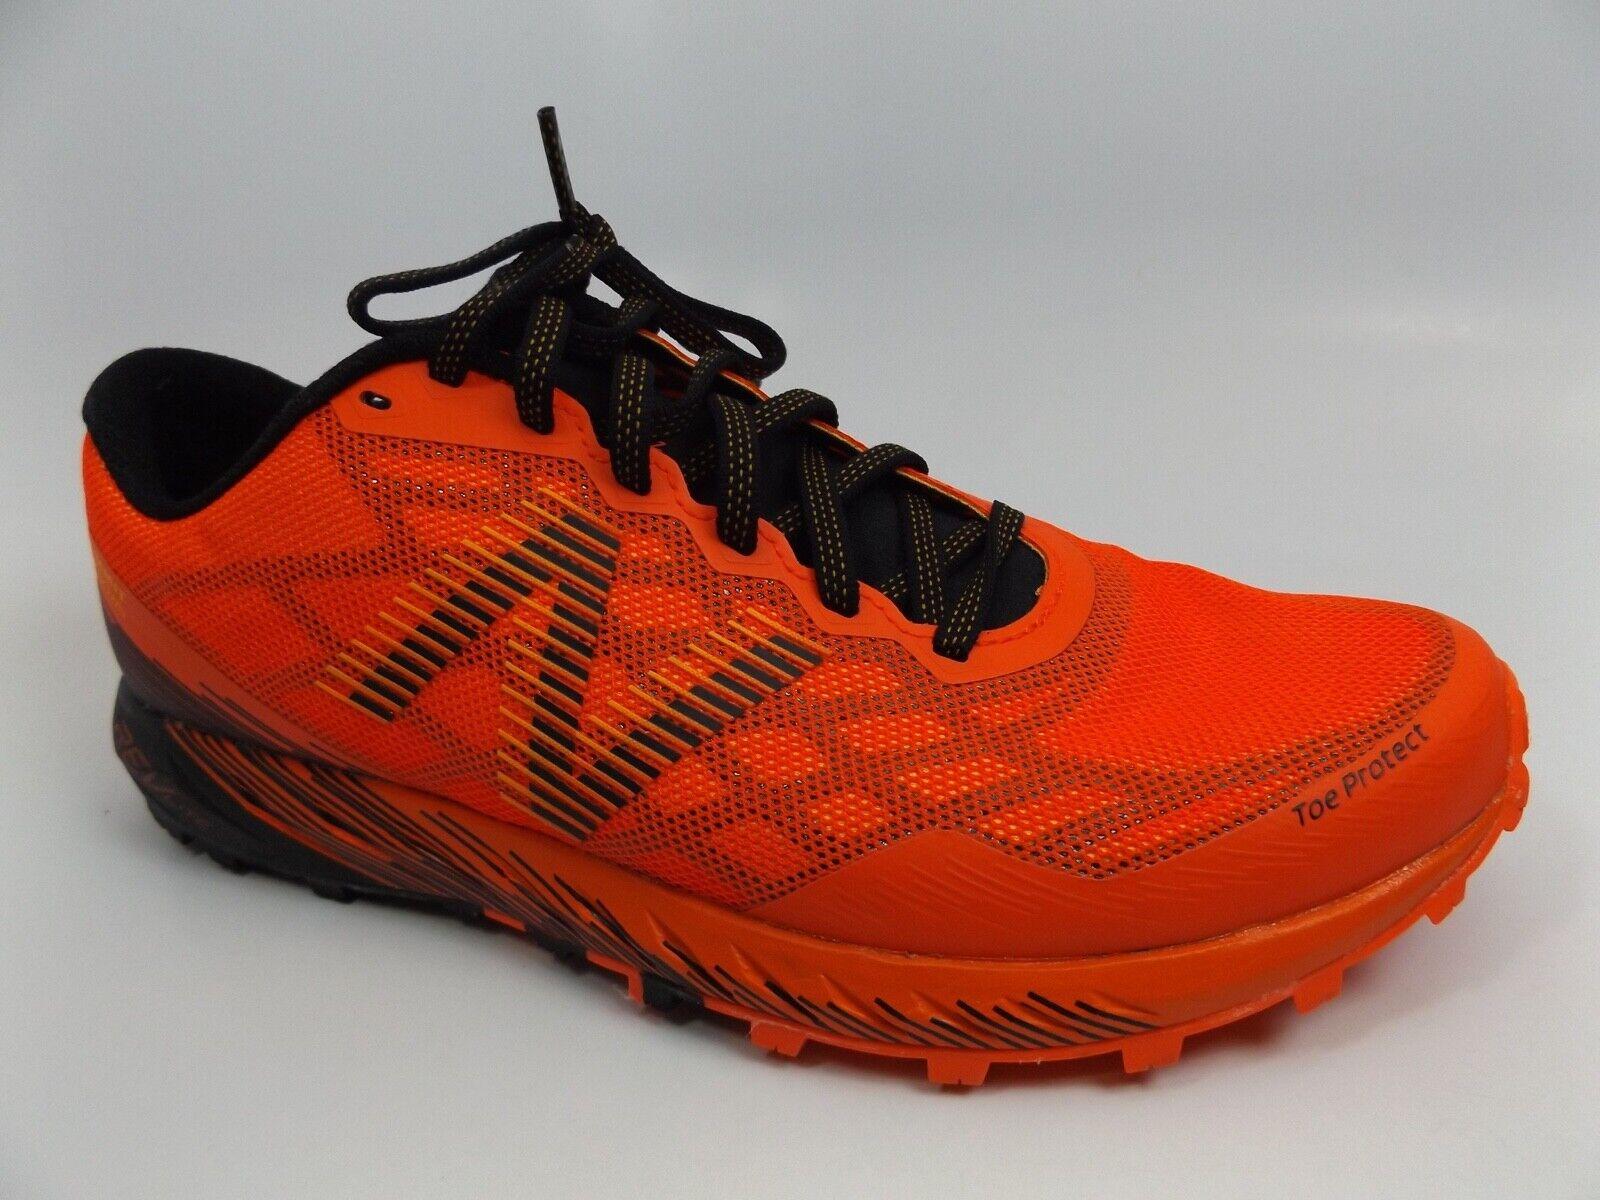 New Balance Para hombre mtunknf Naranja Negro Atlético senderismo zapatos talla 8.0 2E Ancho 11103